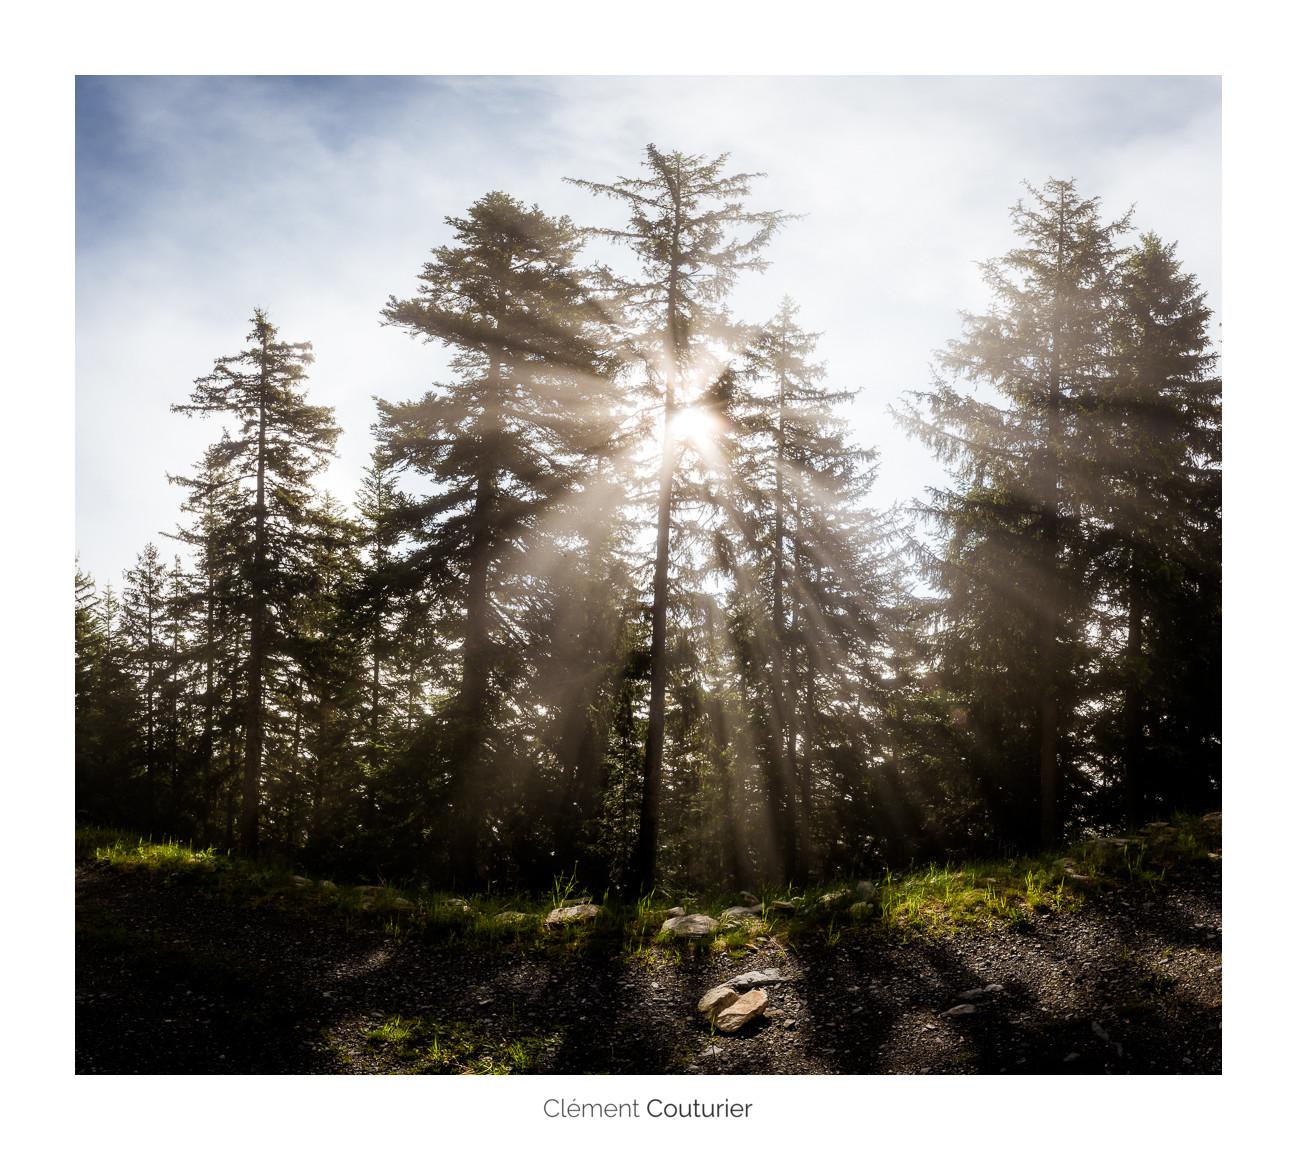 Soleil et arbres - Clément Couturier